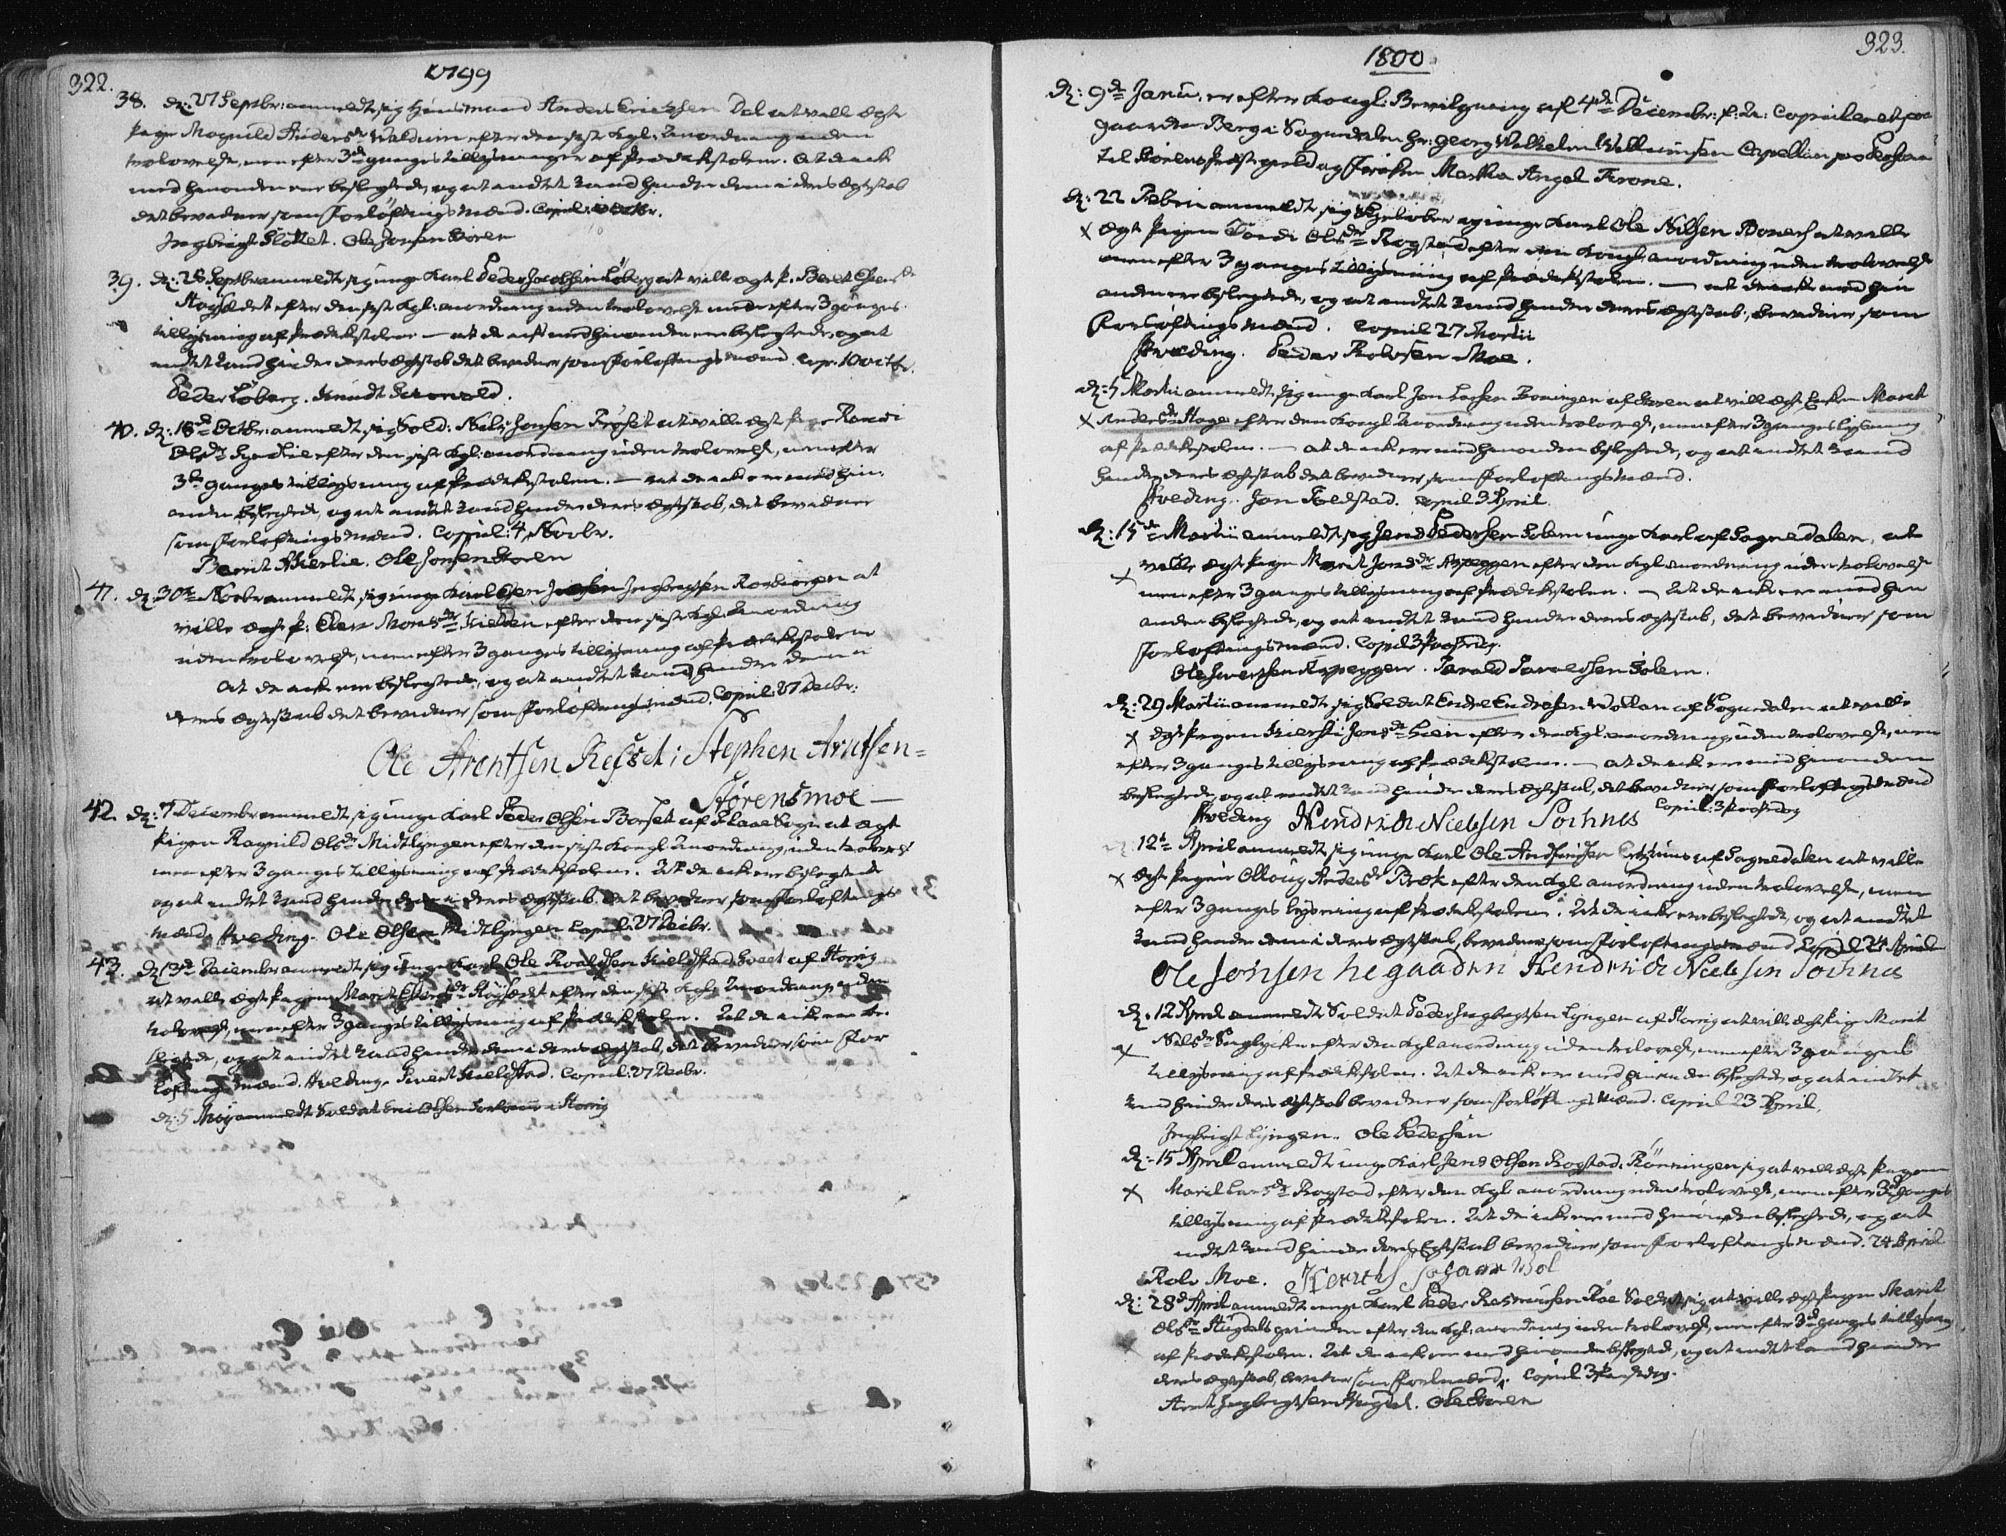 SAT, Ministerialprotokoller, klokkerbøker og fødselsregistre - Sør-Trøndelag, 687/L0992: Ministerialbok nr. 687A03 /1, 1788-1815, s. 322-323